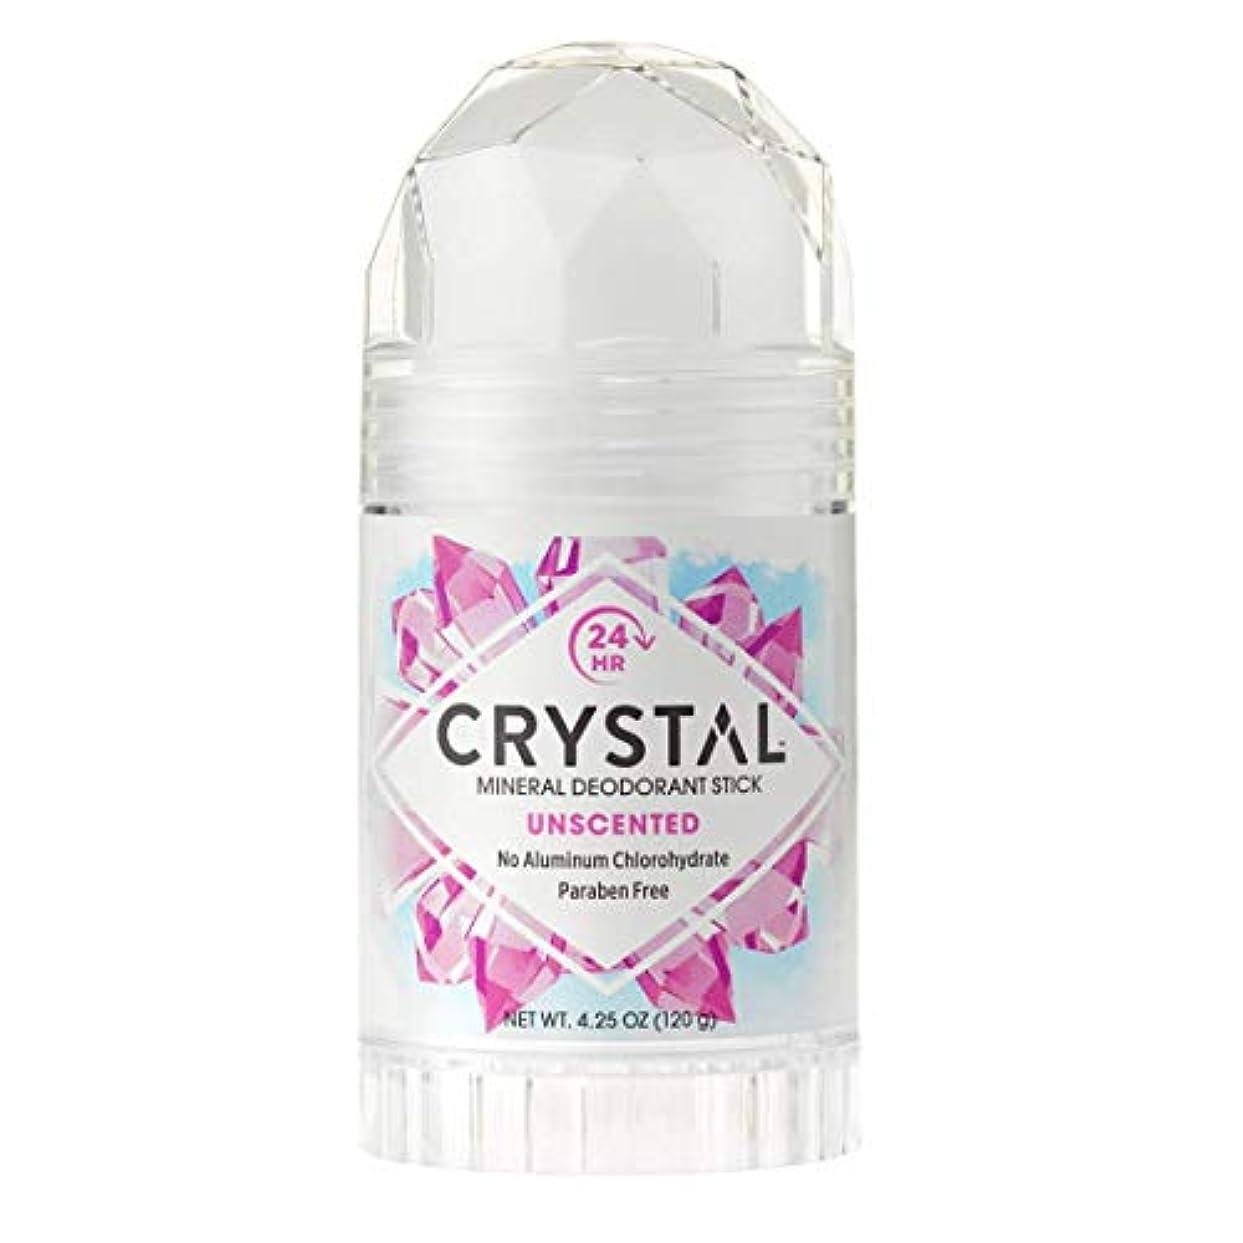 Crystal Deodorant Stick Twist-Up 126 ml (並行輸入品)